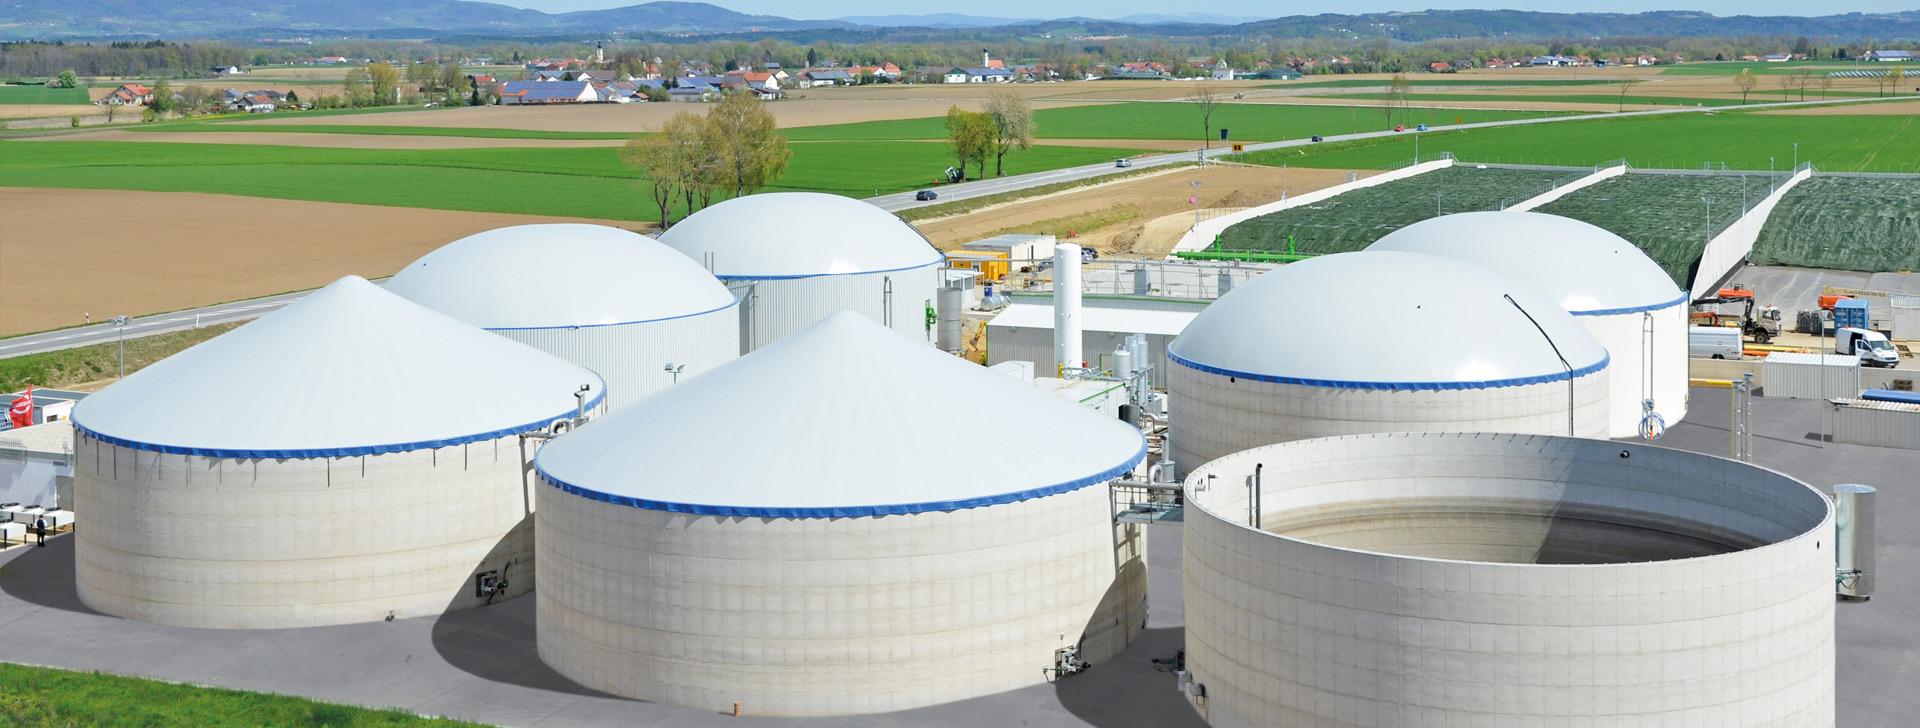 Rundbehälter für Biogasanlage